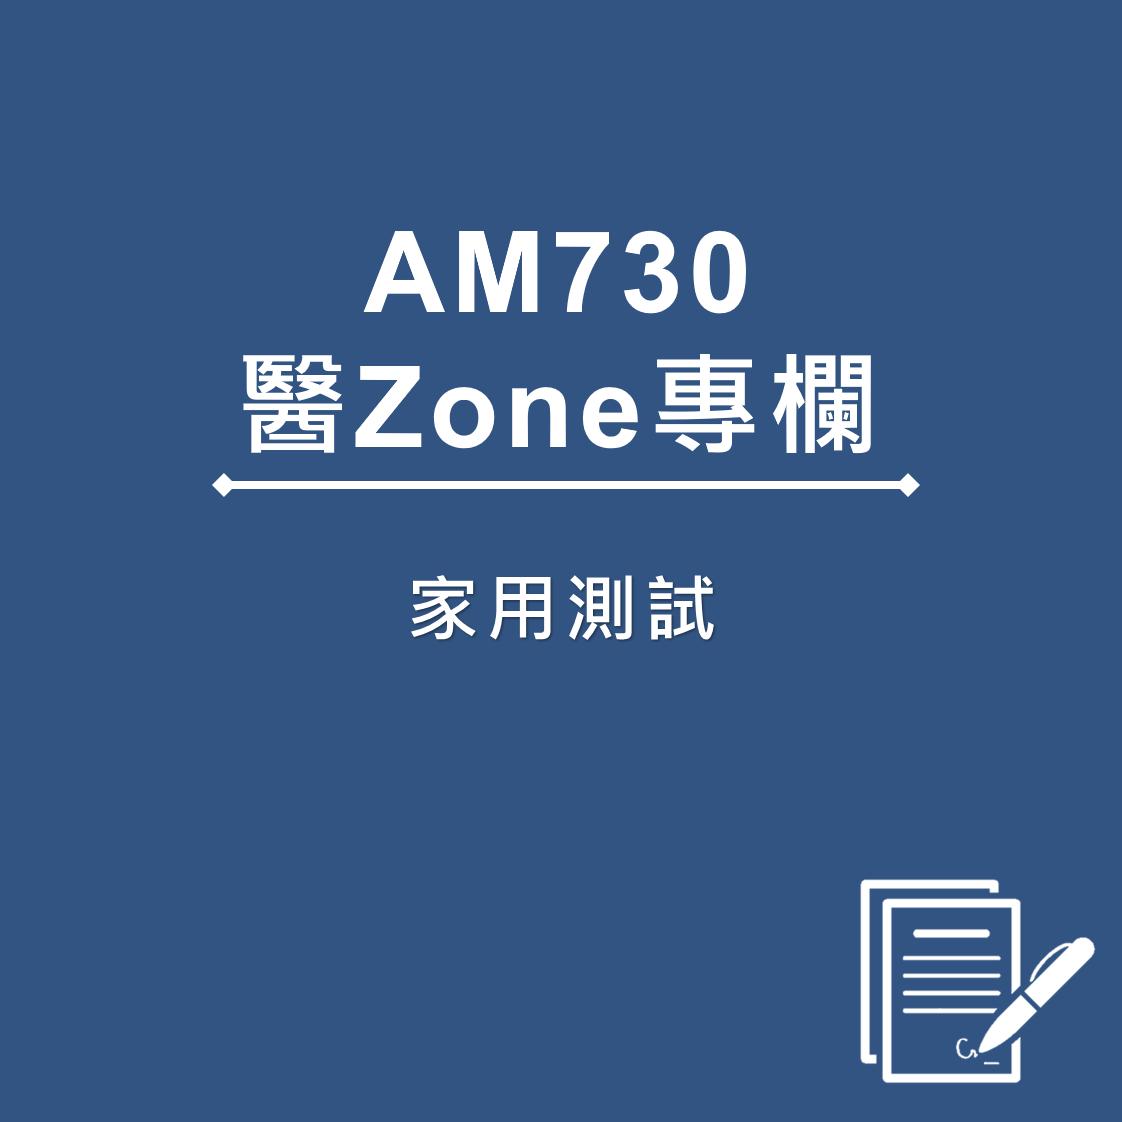 AM730 醫Zone 專欄 - 家用測試